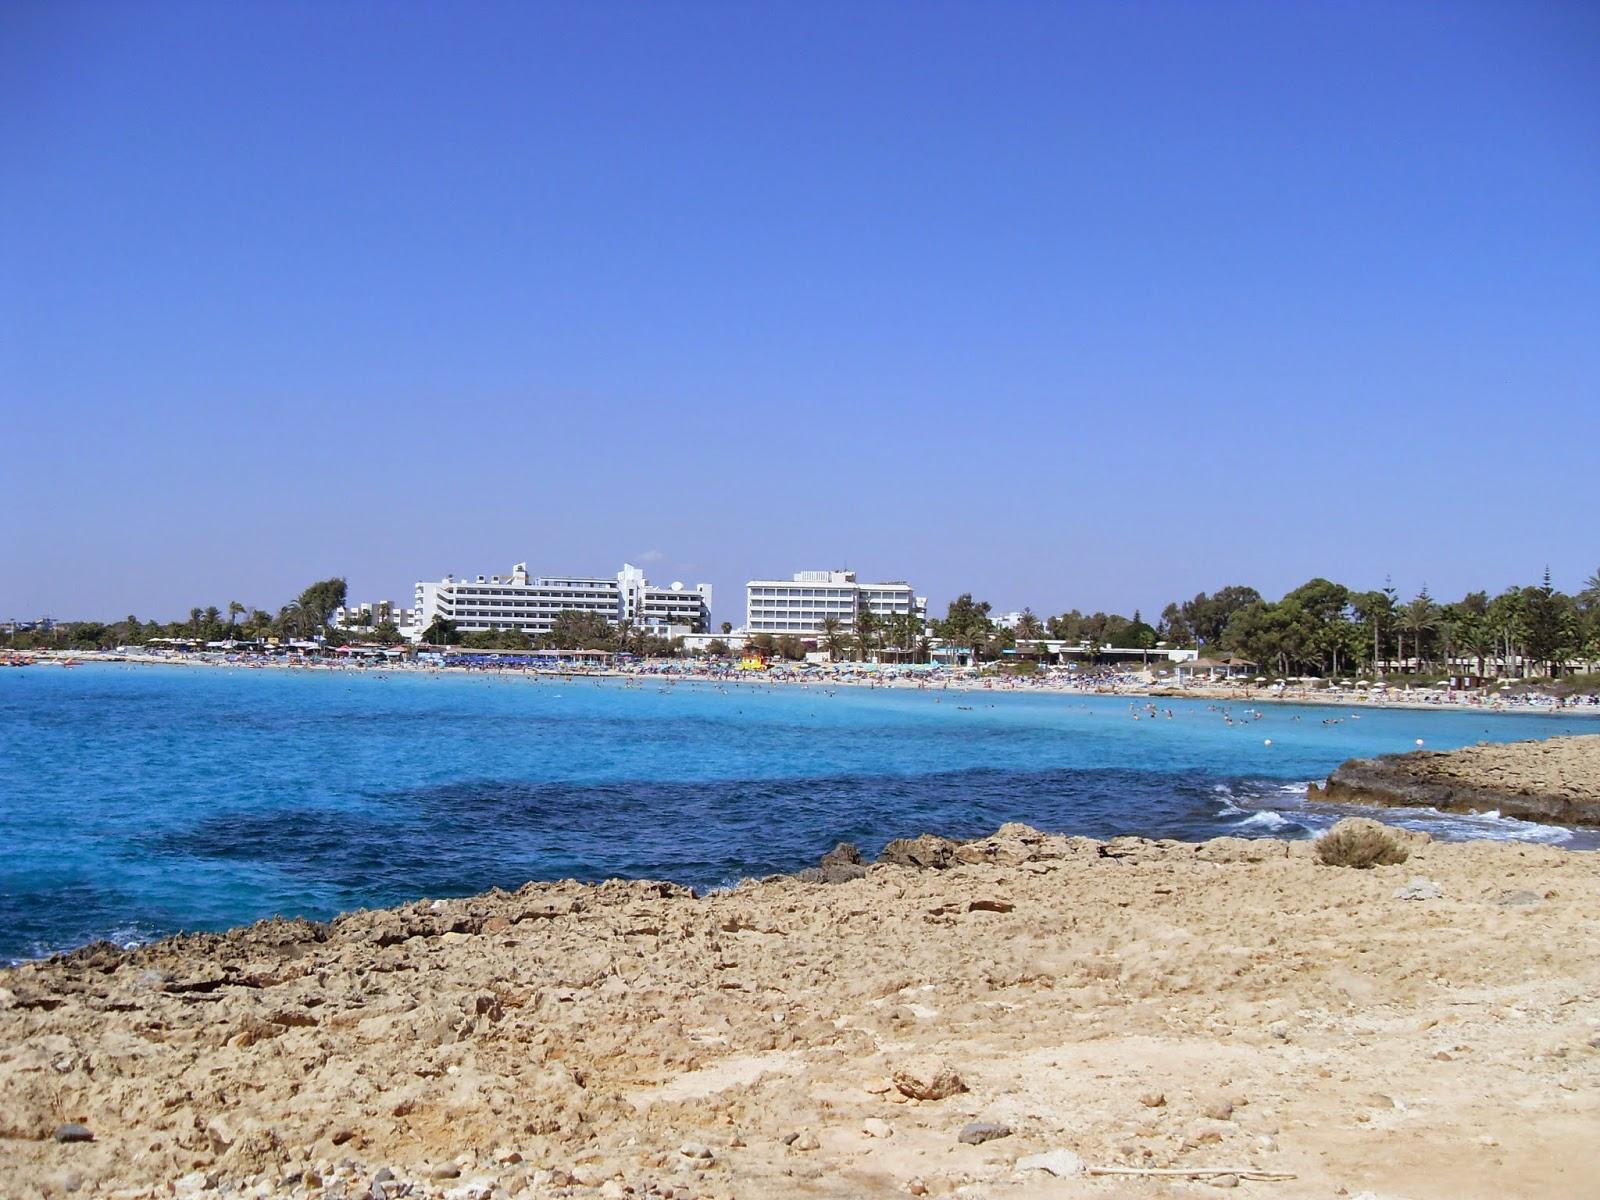 קפריסין - חוף הים באיה נאפה